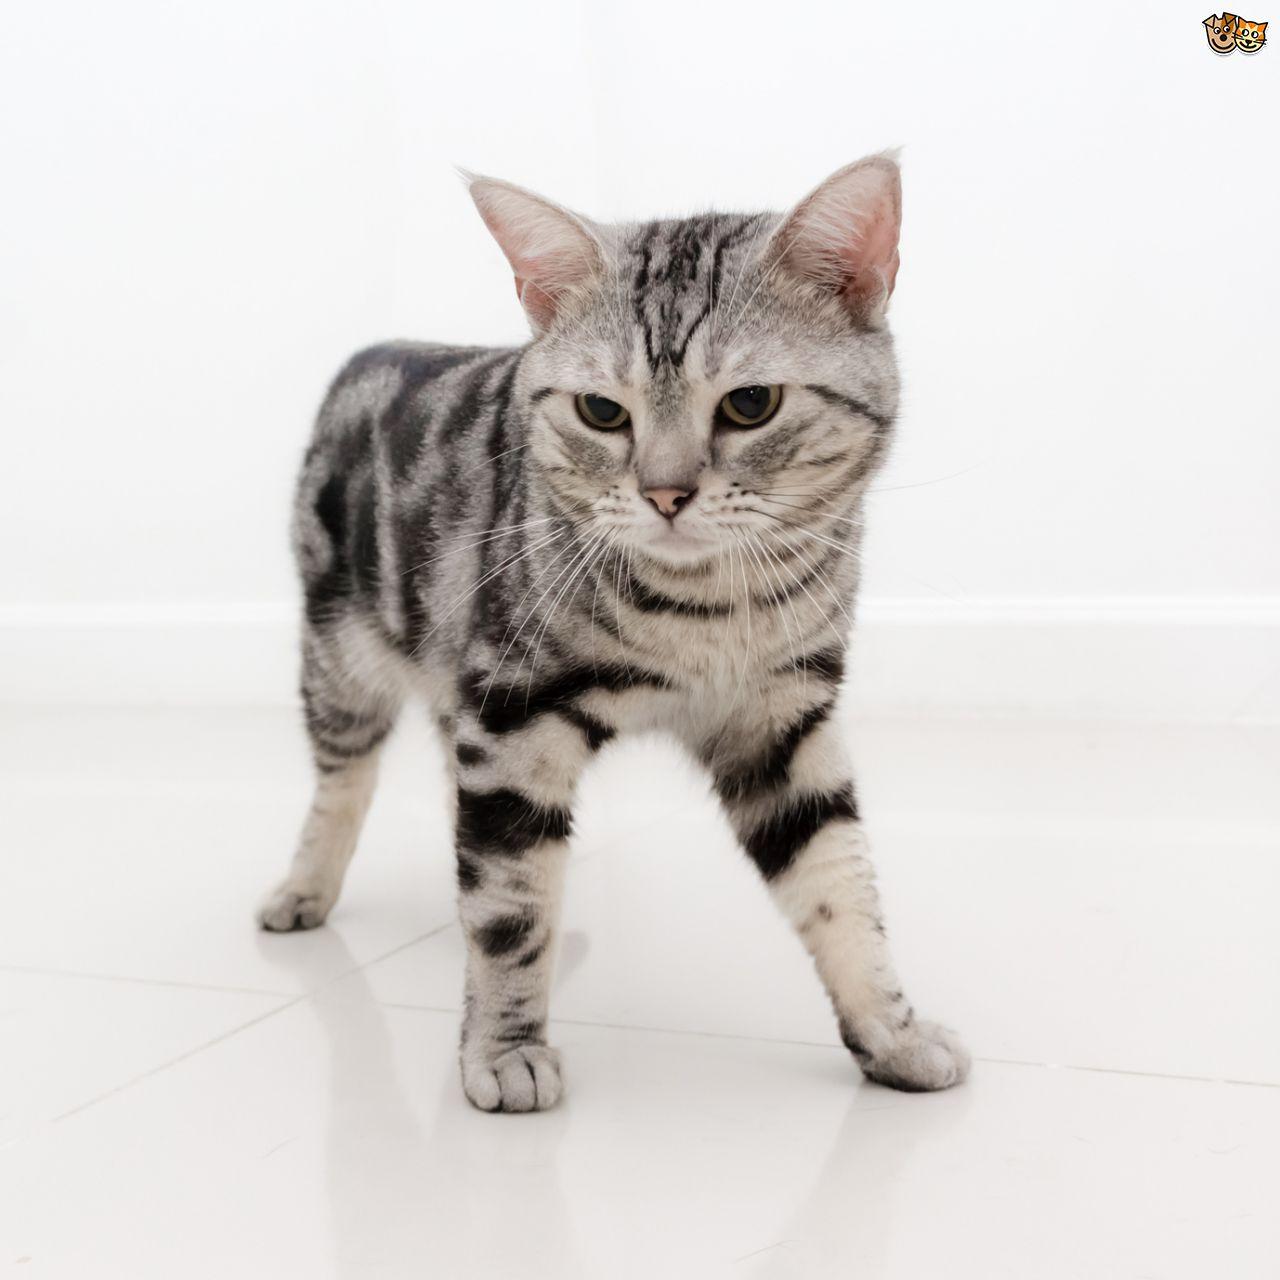 Lovely Silver American Shorthair Kitten